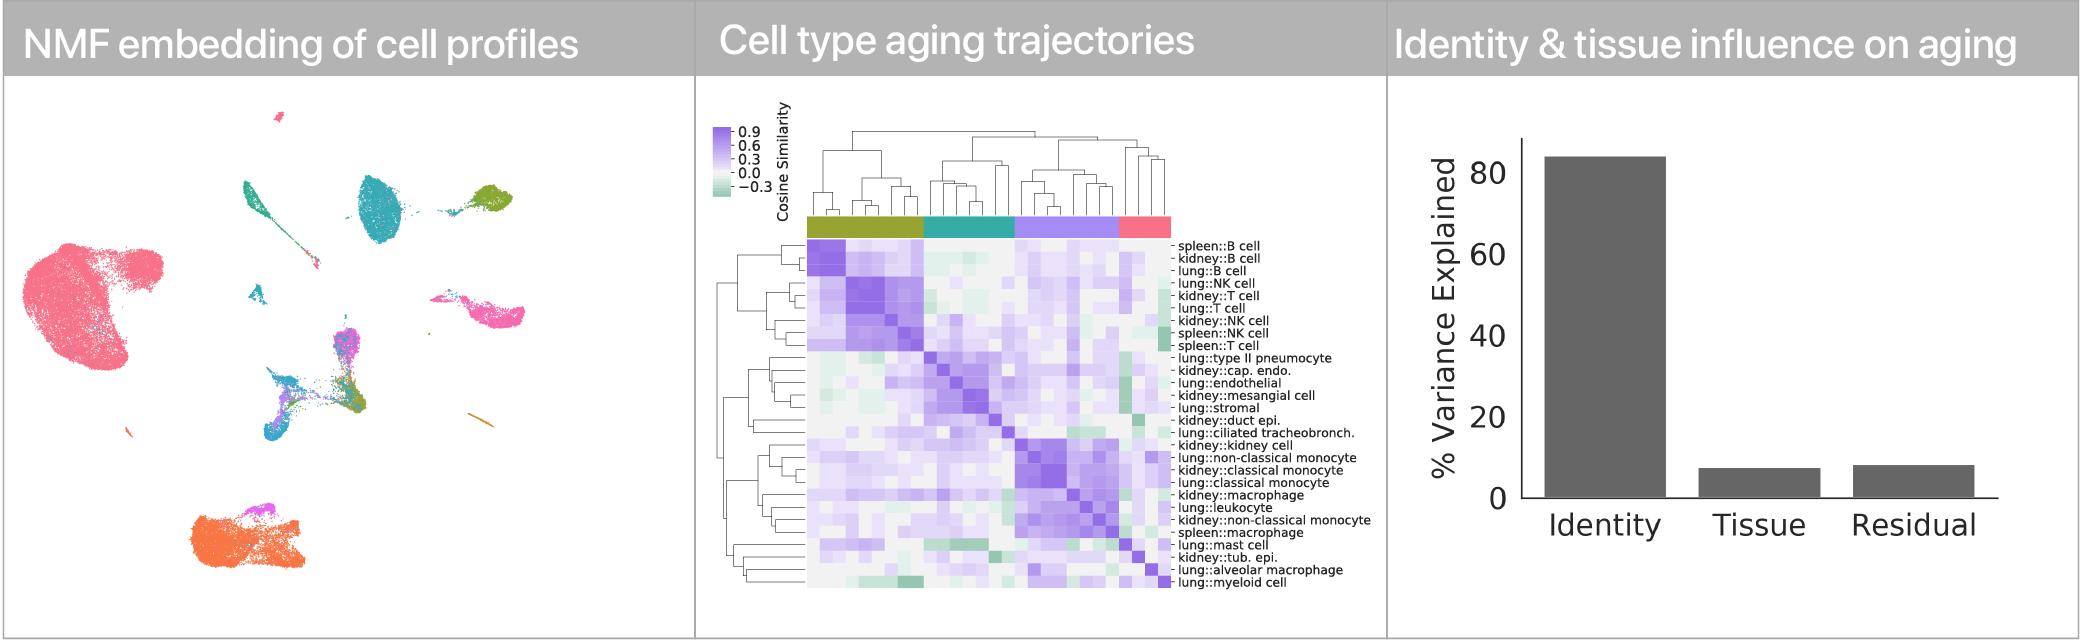 Aging trajectories